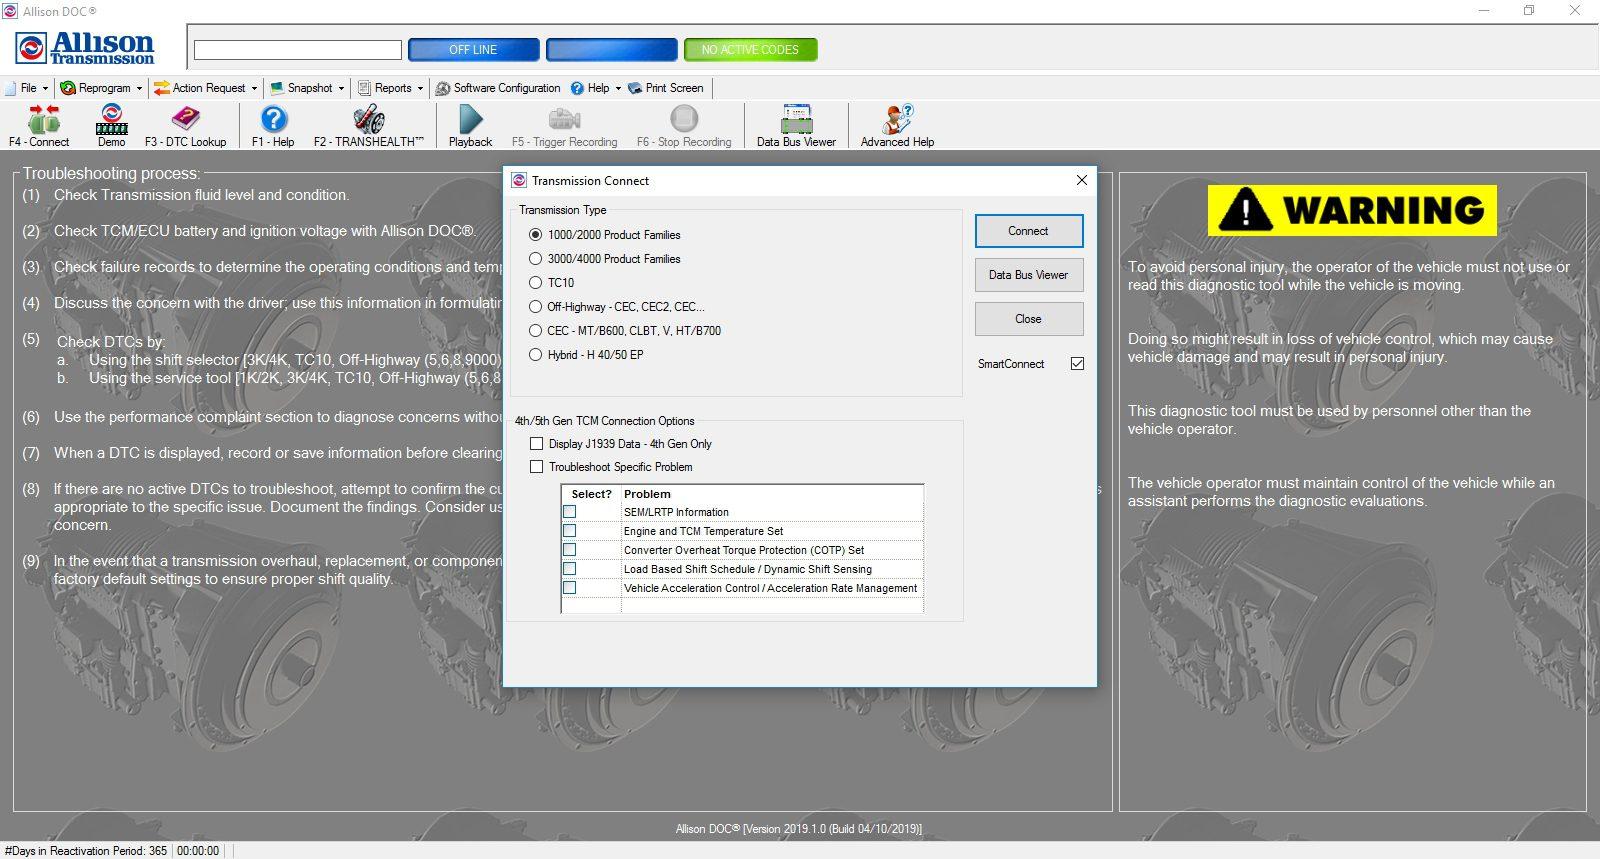 Universal_Allison_DOC_v201910_Build_042019_Transmission_Diagnostic_Software_Full_Instruction_4